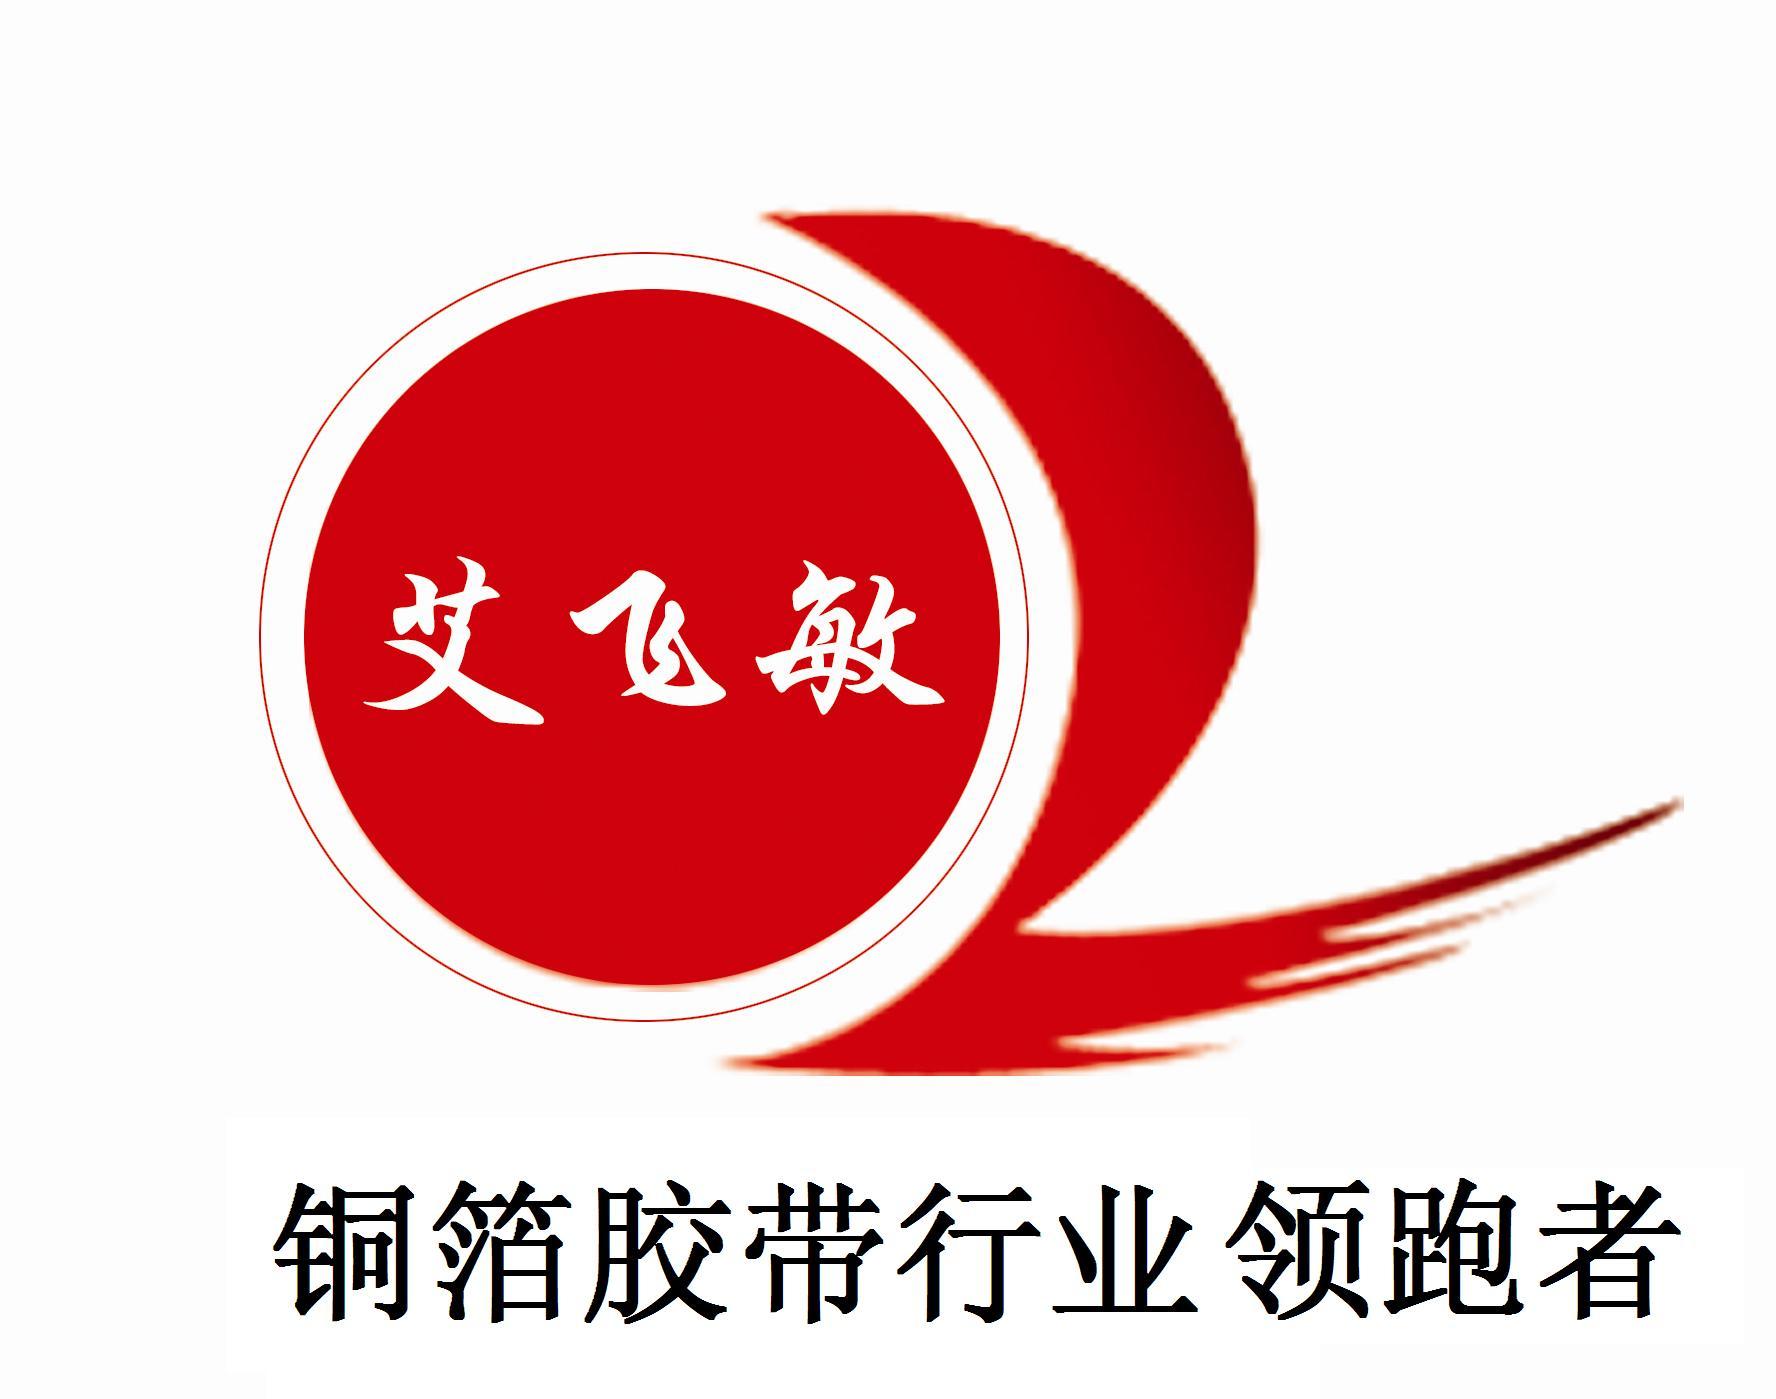 """原""""苏州英菲特商贸有限公司""""更名为苏州""""艾飞敏""""屏蔽导电材料有限公司"""